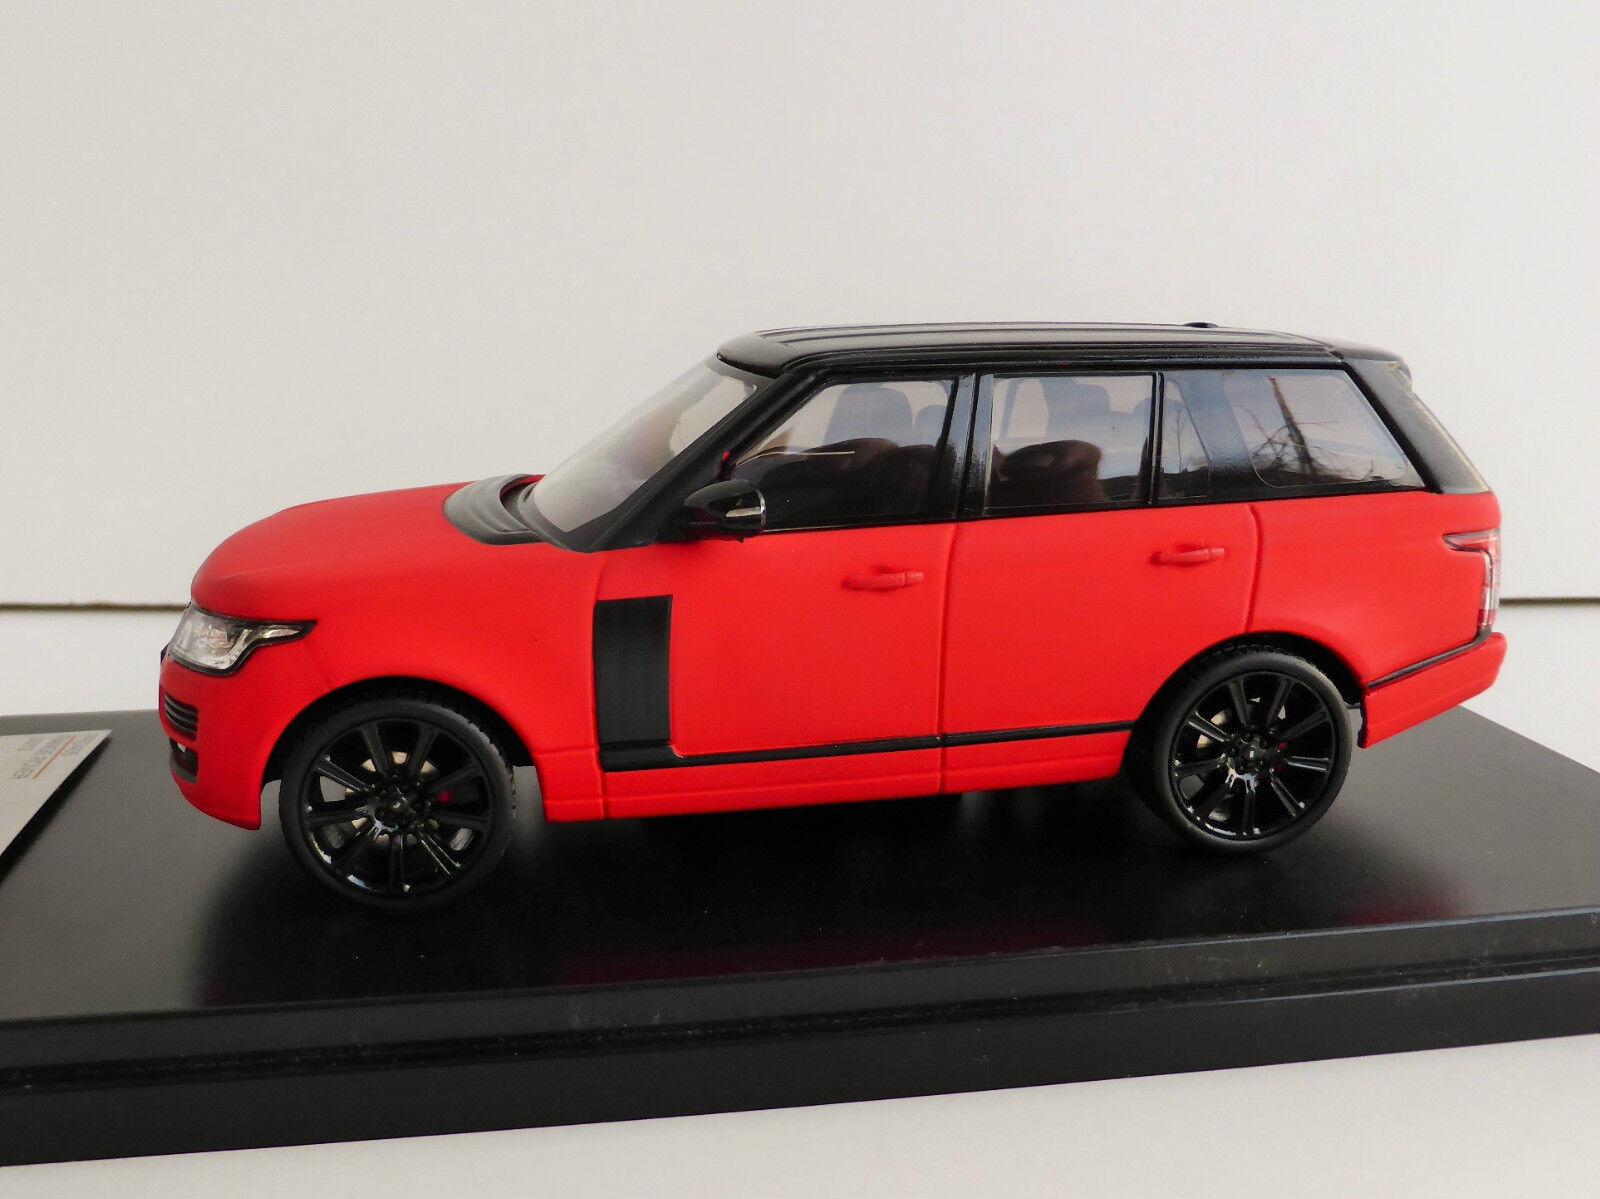 Range Rover rouge mat 1 43 IXO PREMIUMX prd405 Limited Edition par 405 LG l405